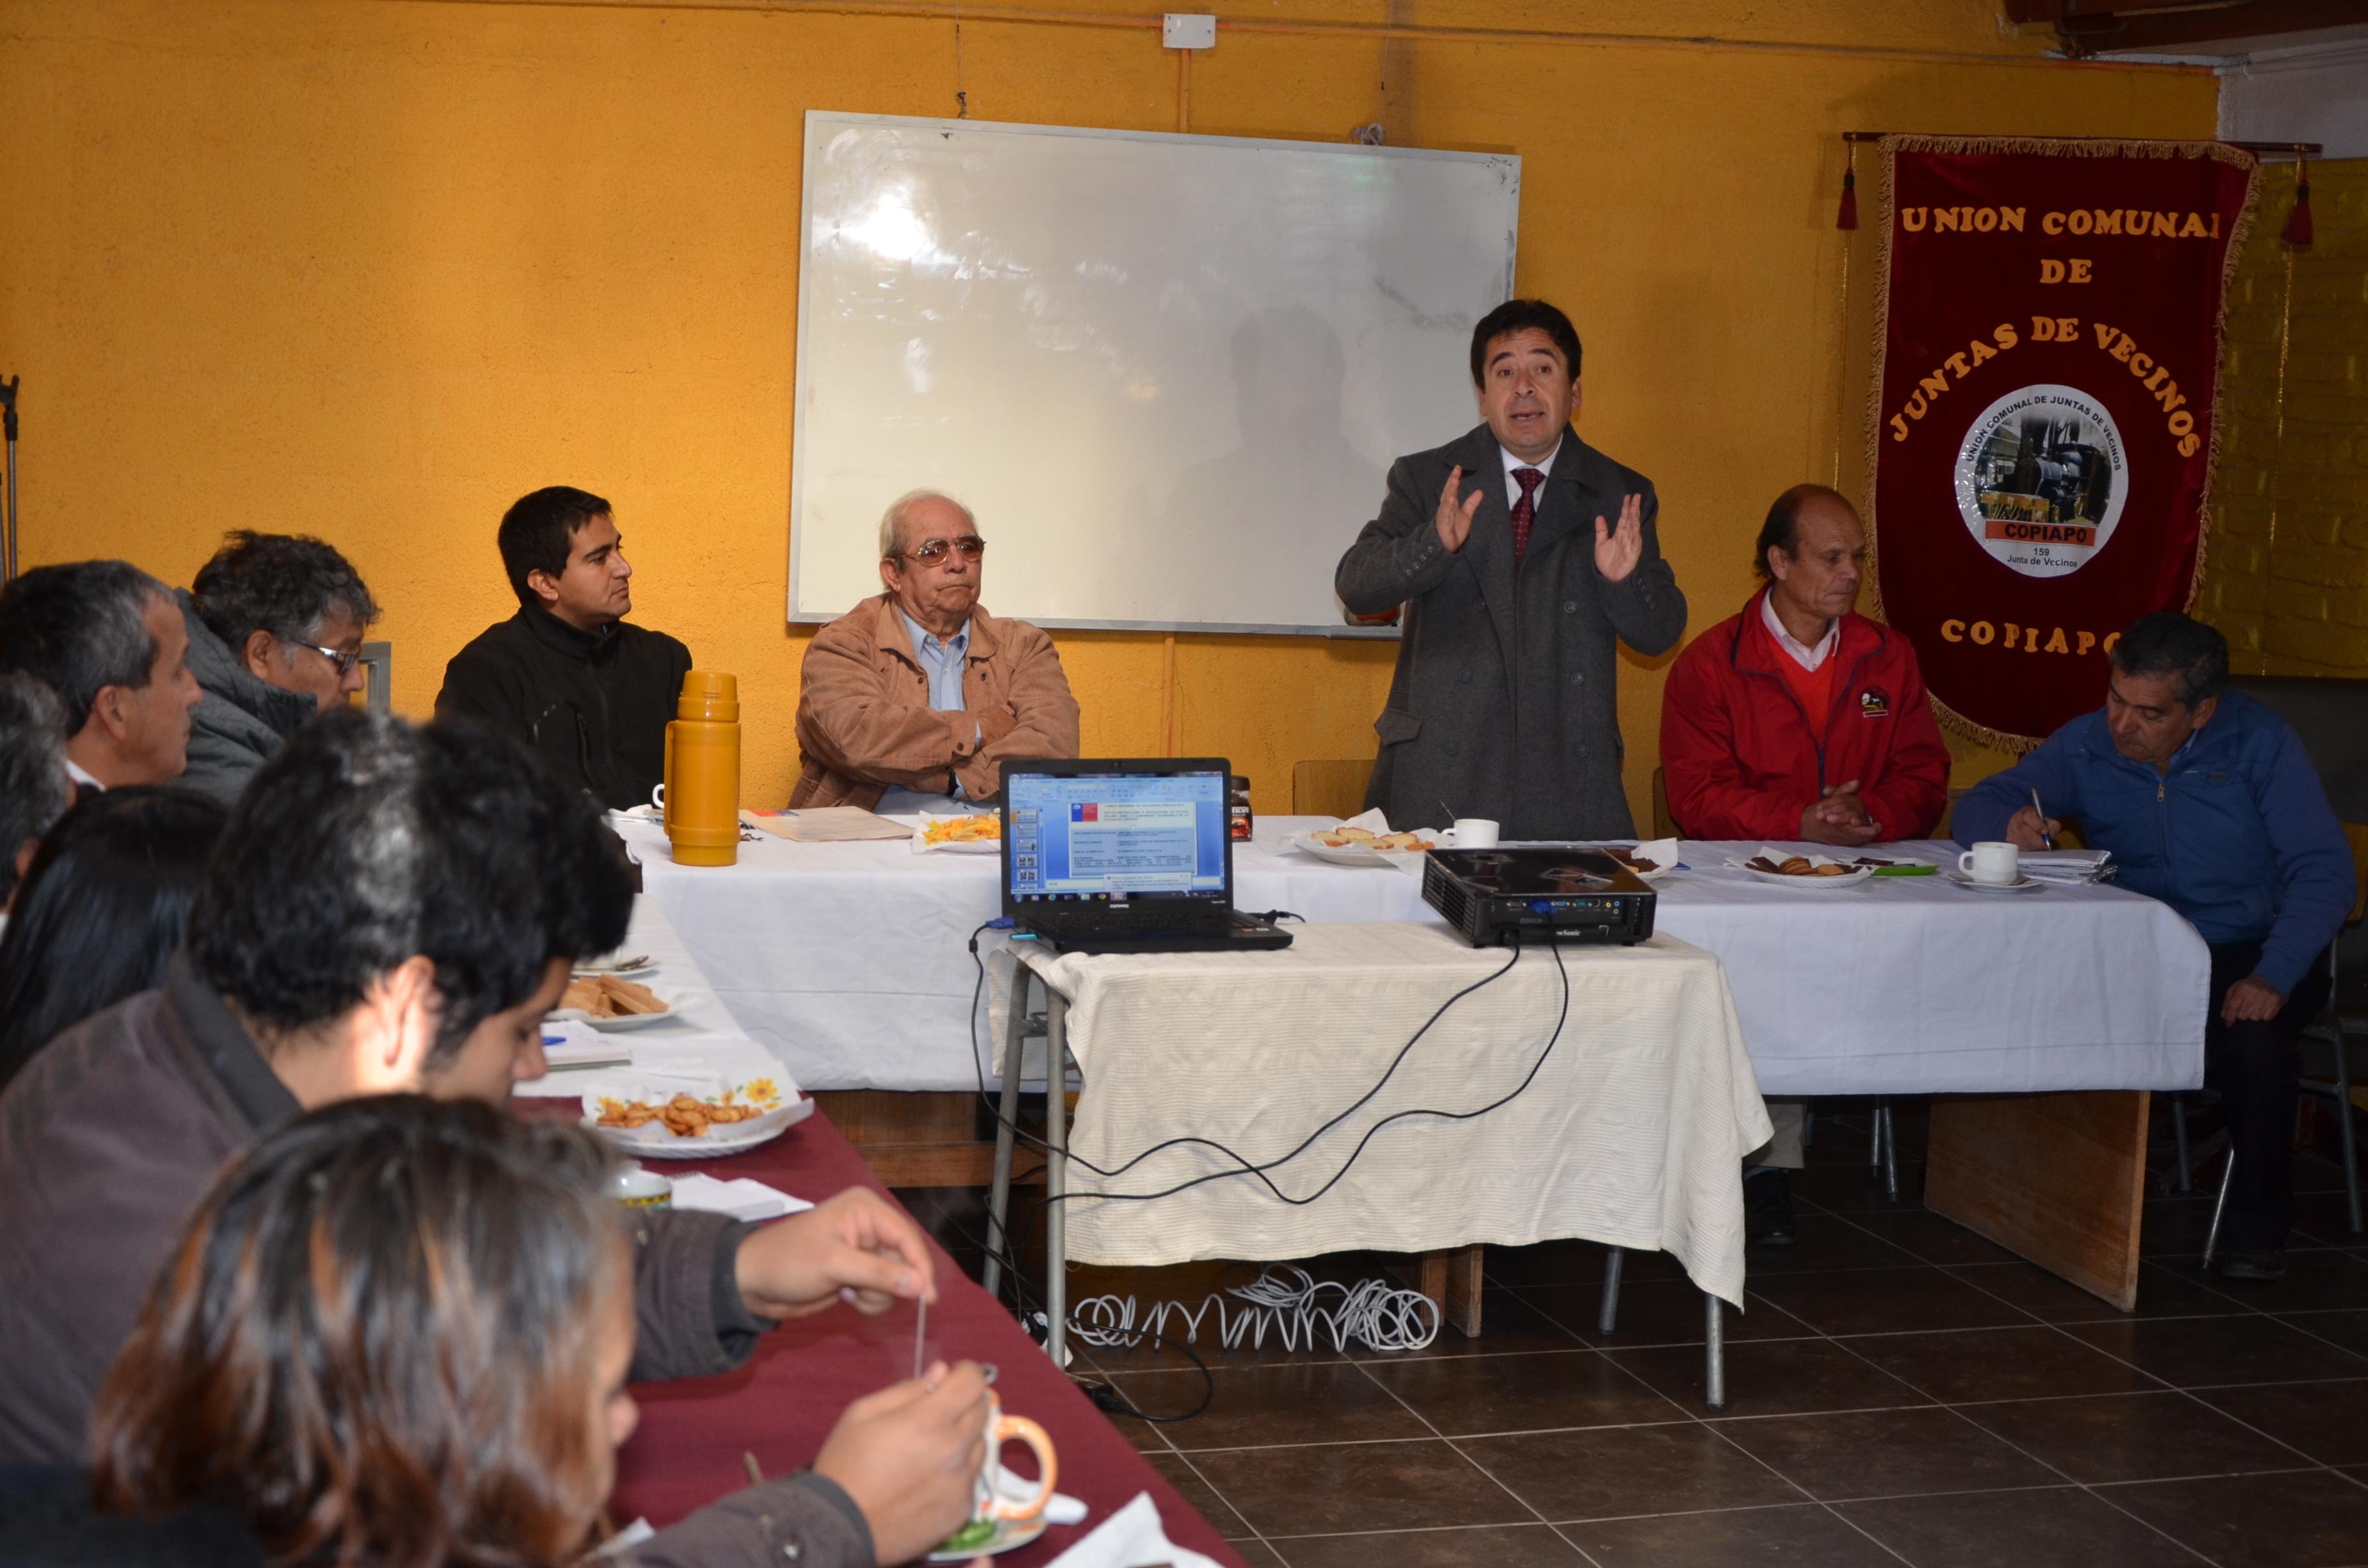 Solicitarán inclusión de demandas del sector público en presupuesto 2015 a raíz de paralización indefinida